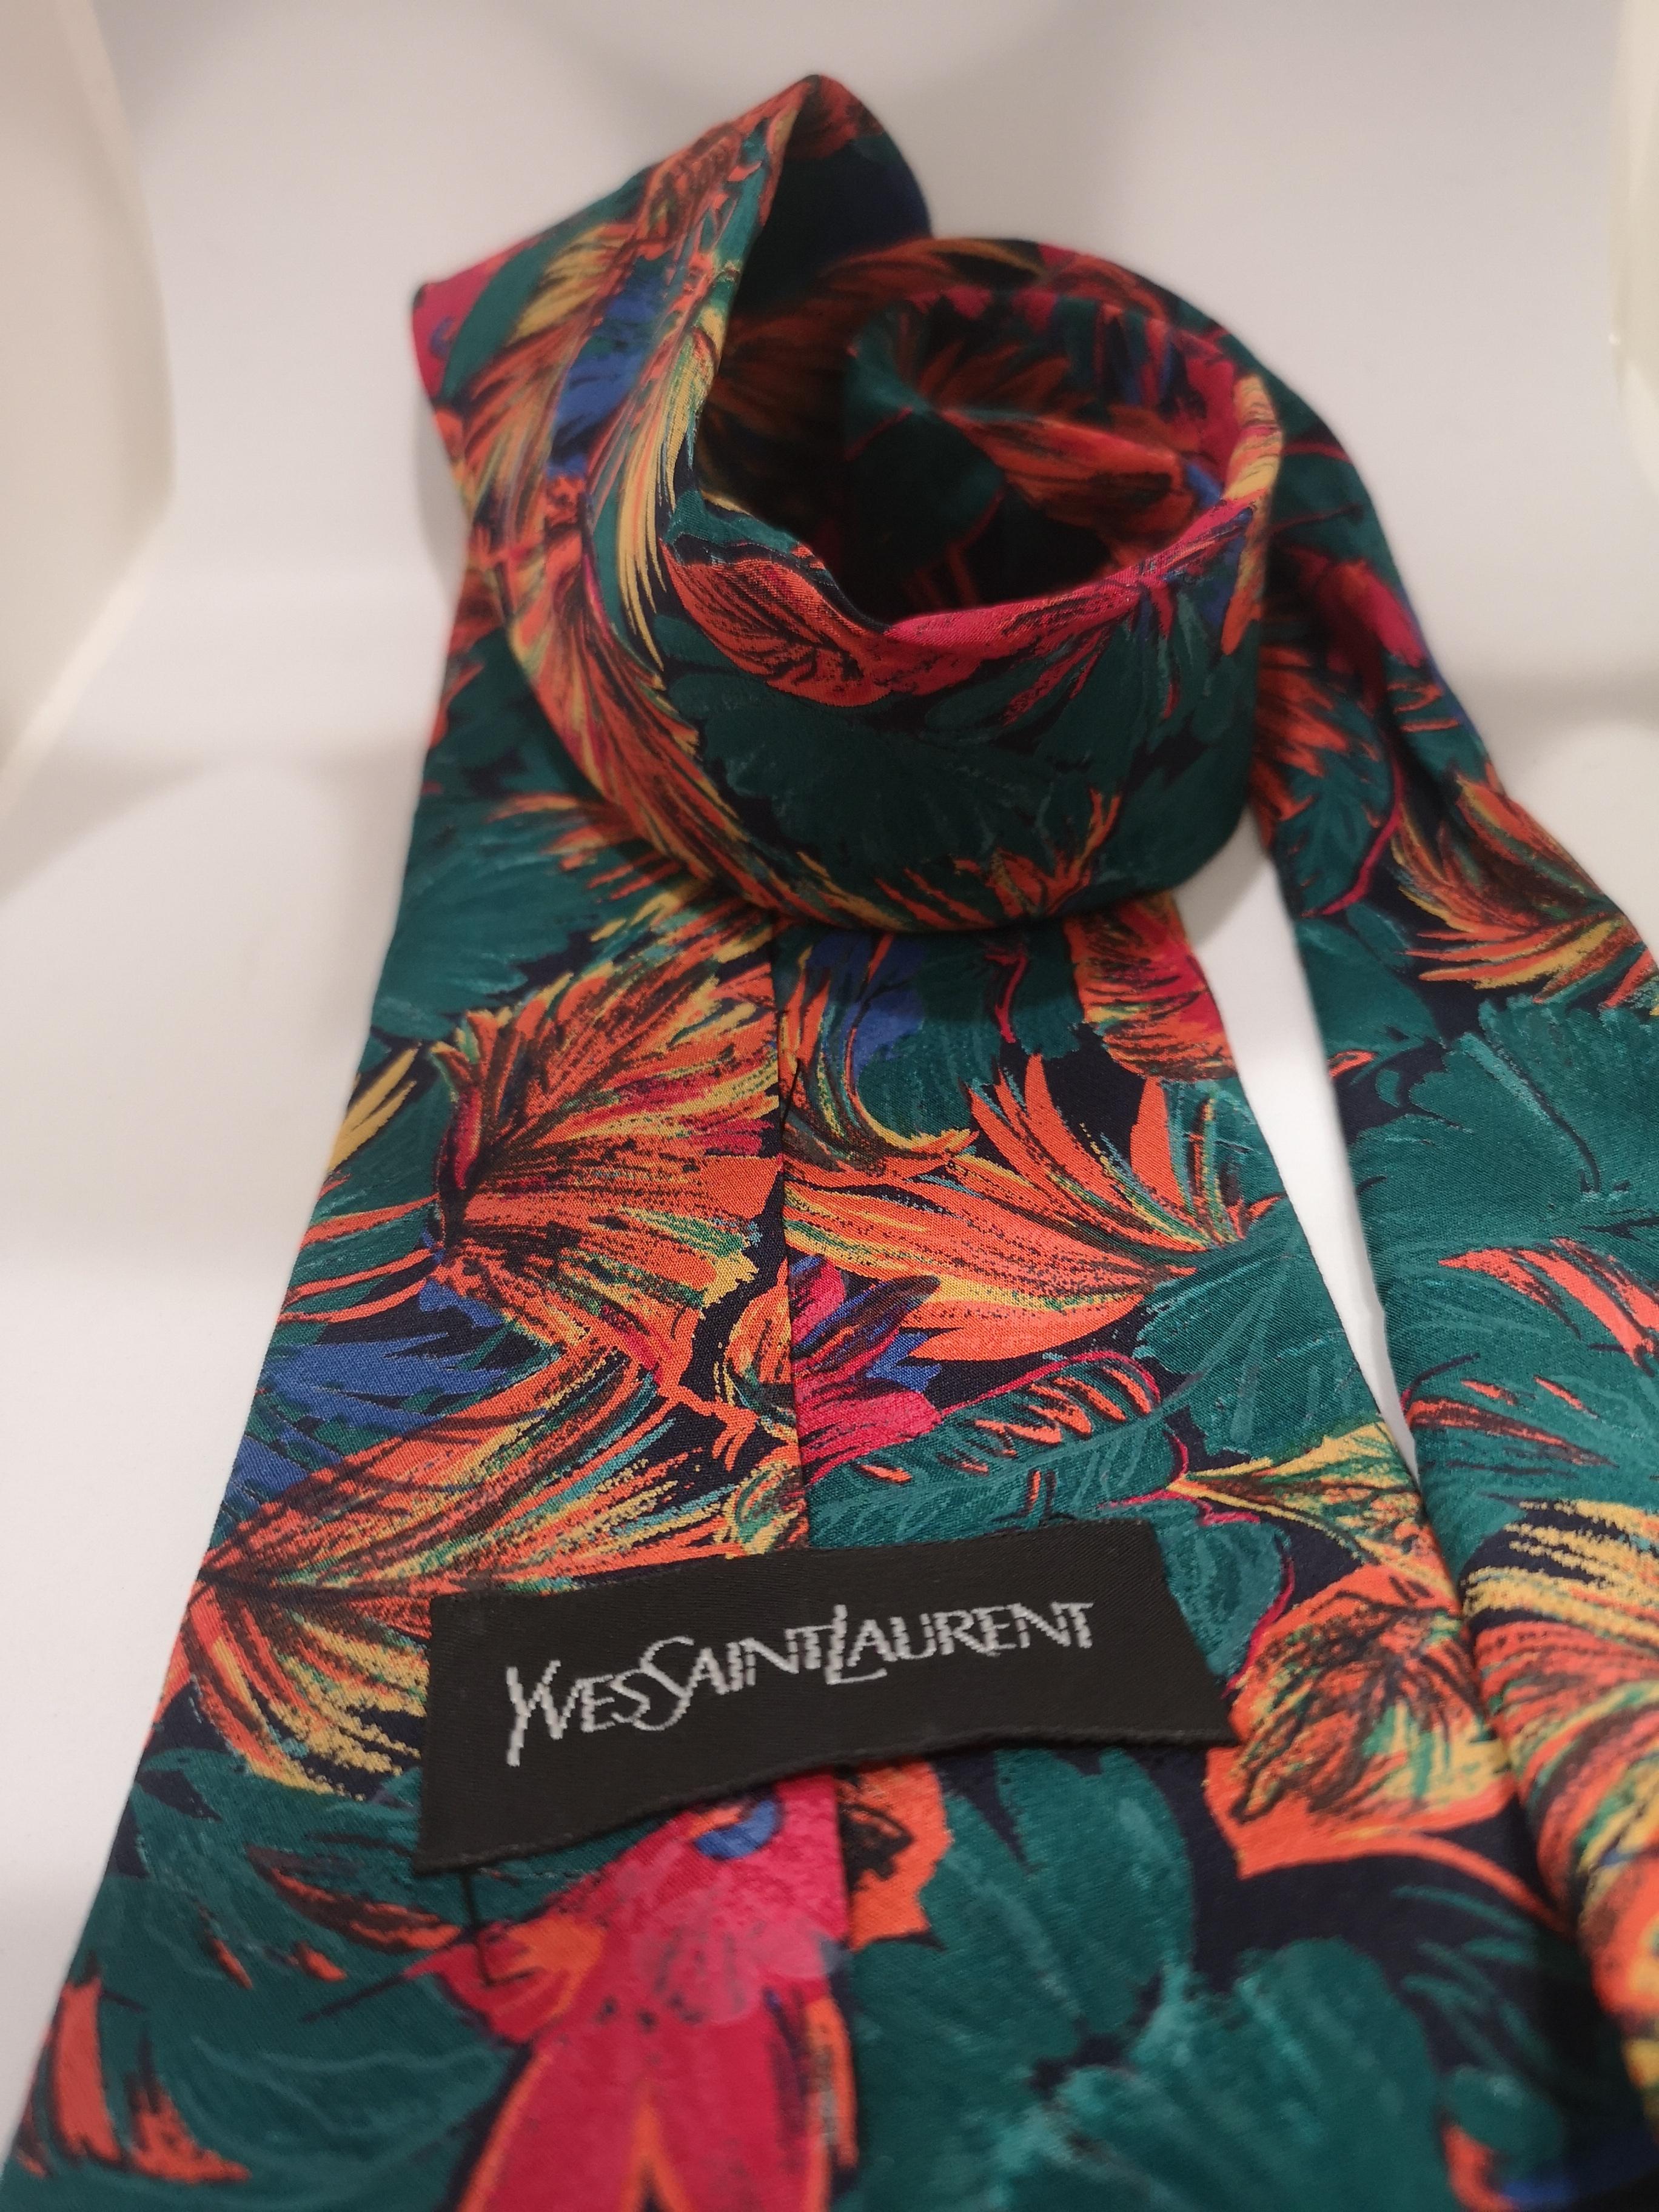 Yves Saint Laurent multicoloured leaves silk tie yves saint laurent | Cravatta | MULTI TIEFOGLIE